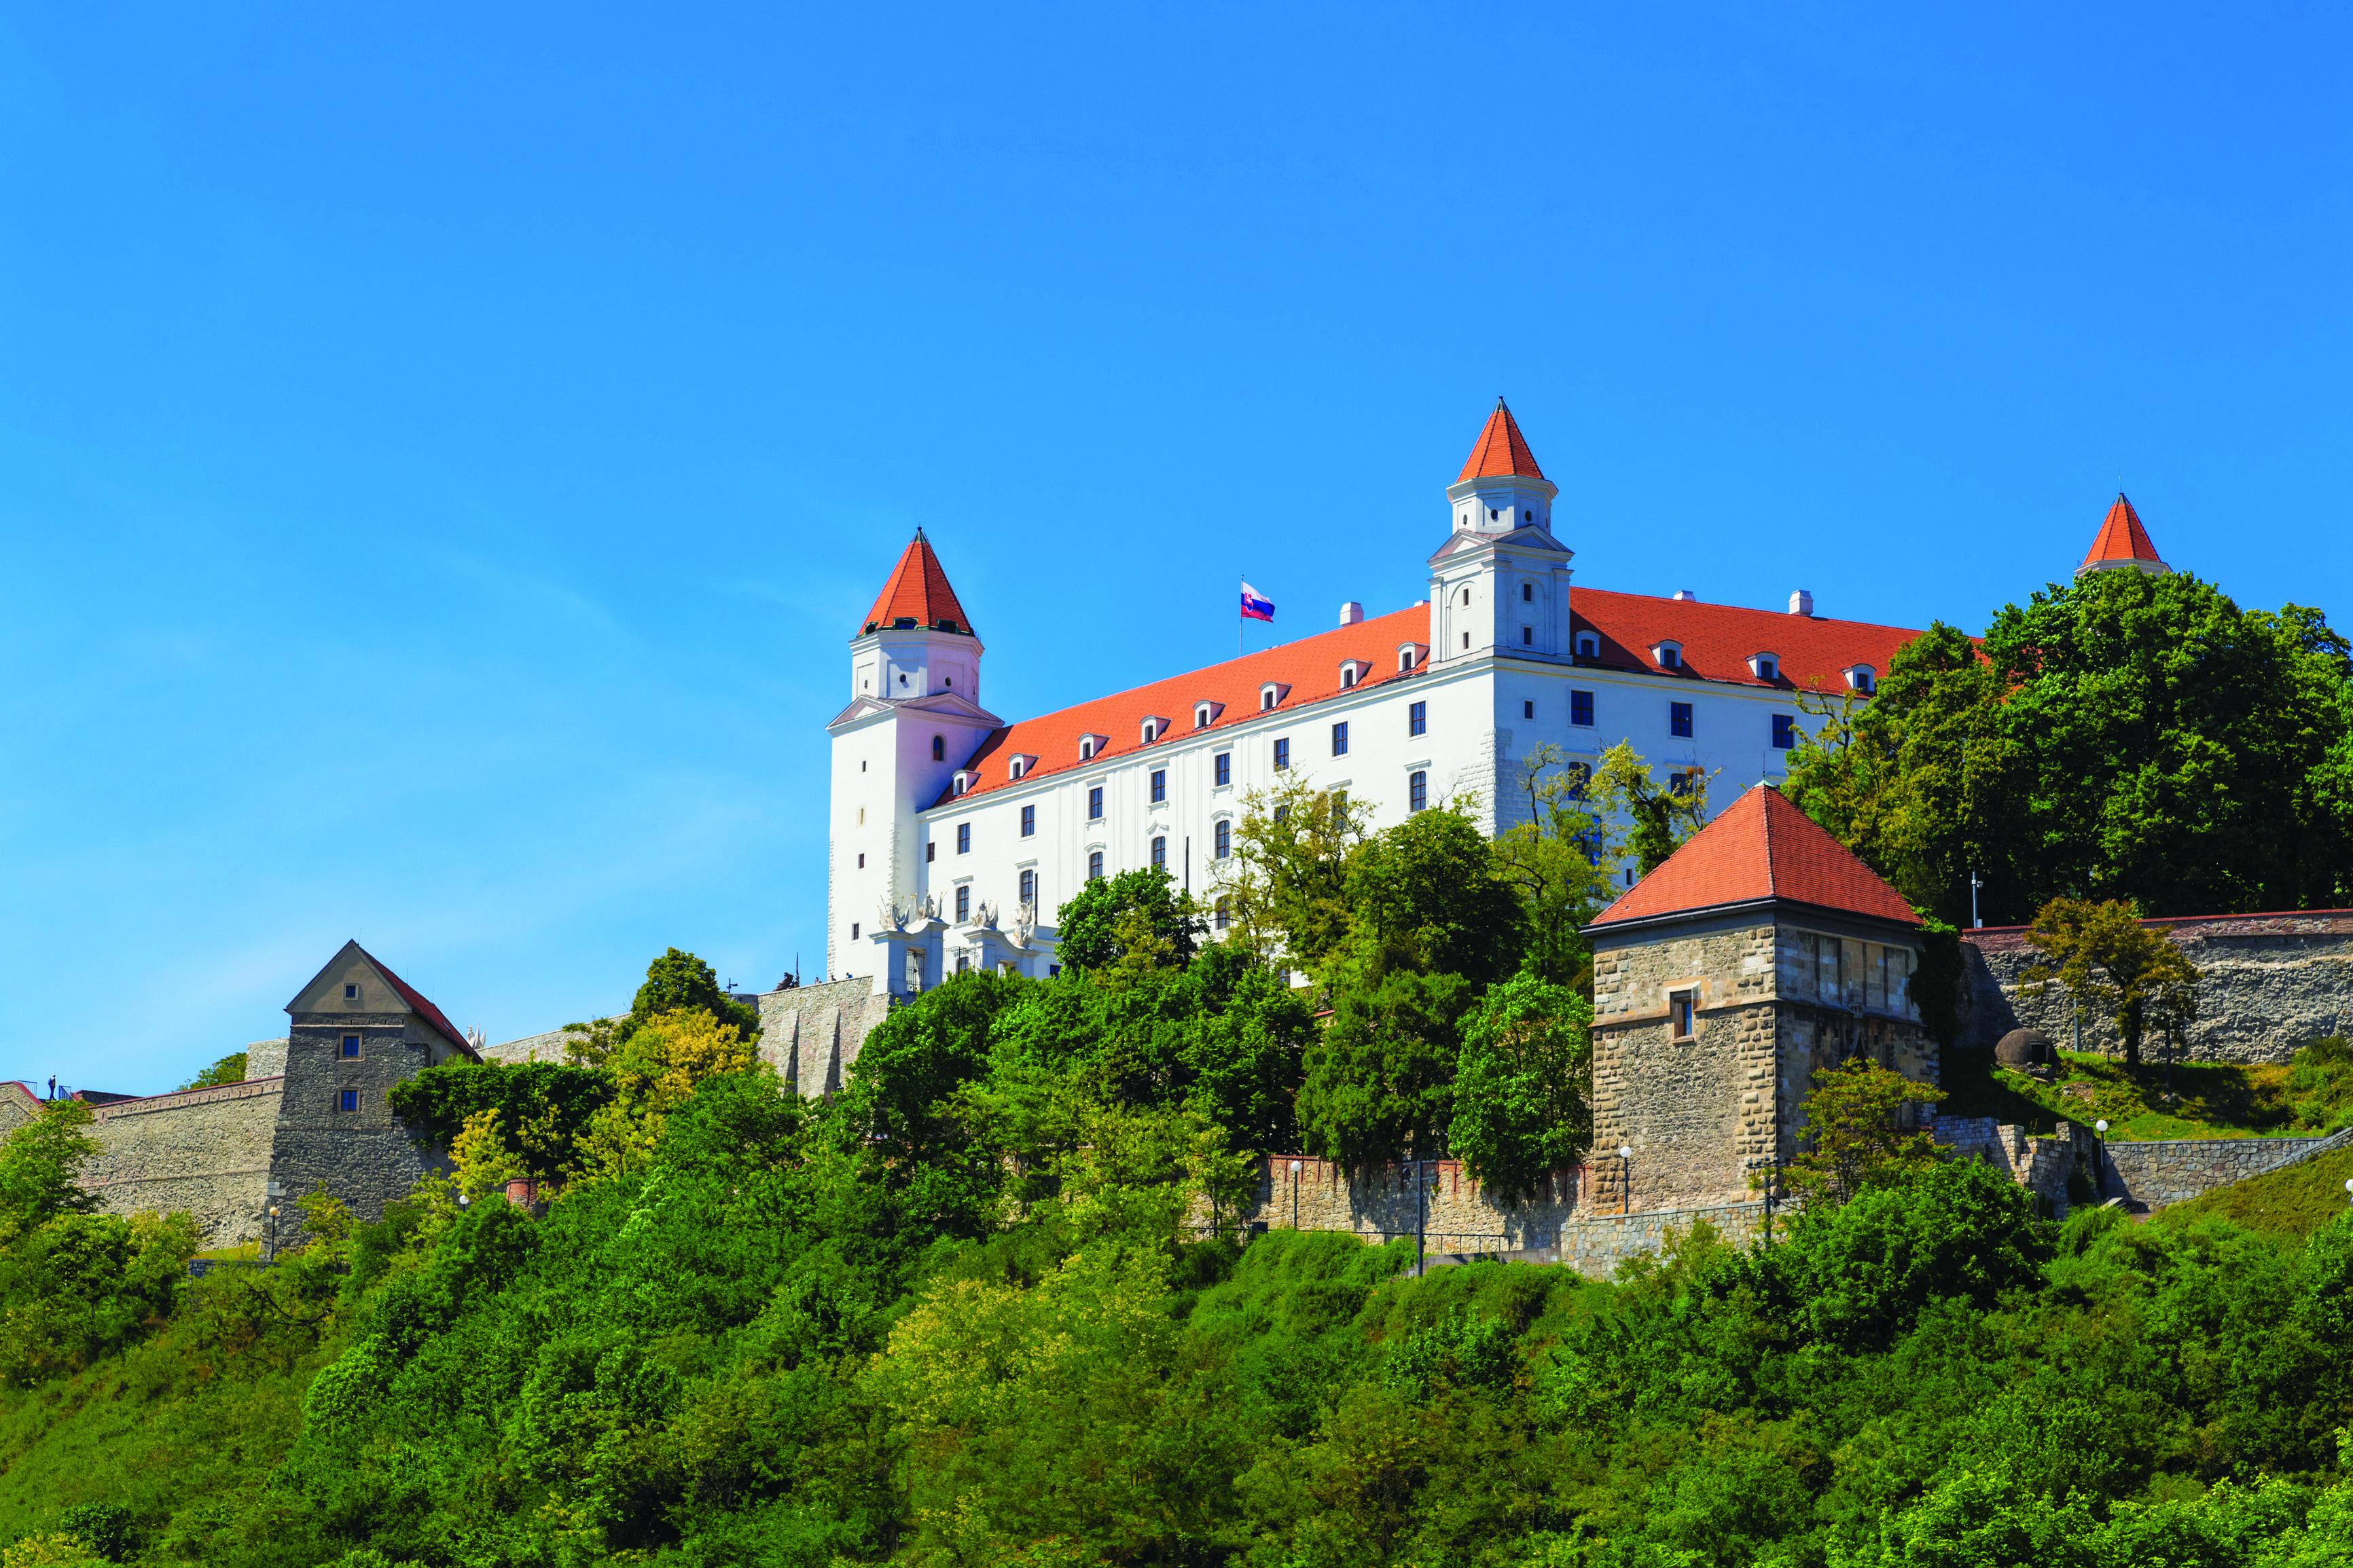 bratislava-slovakia_25795170